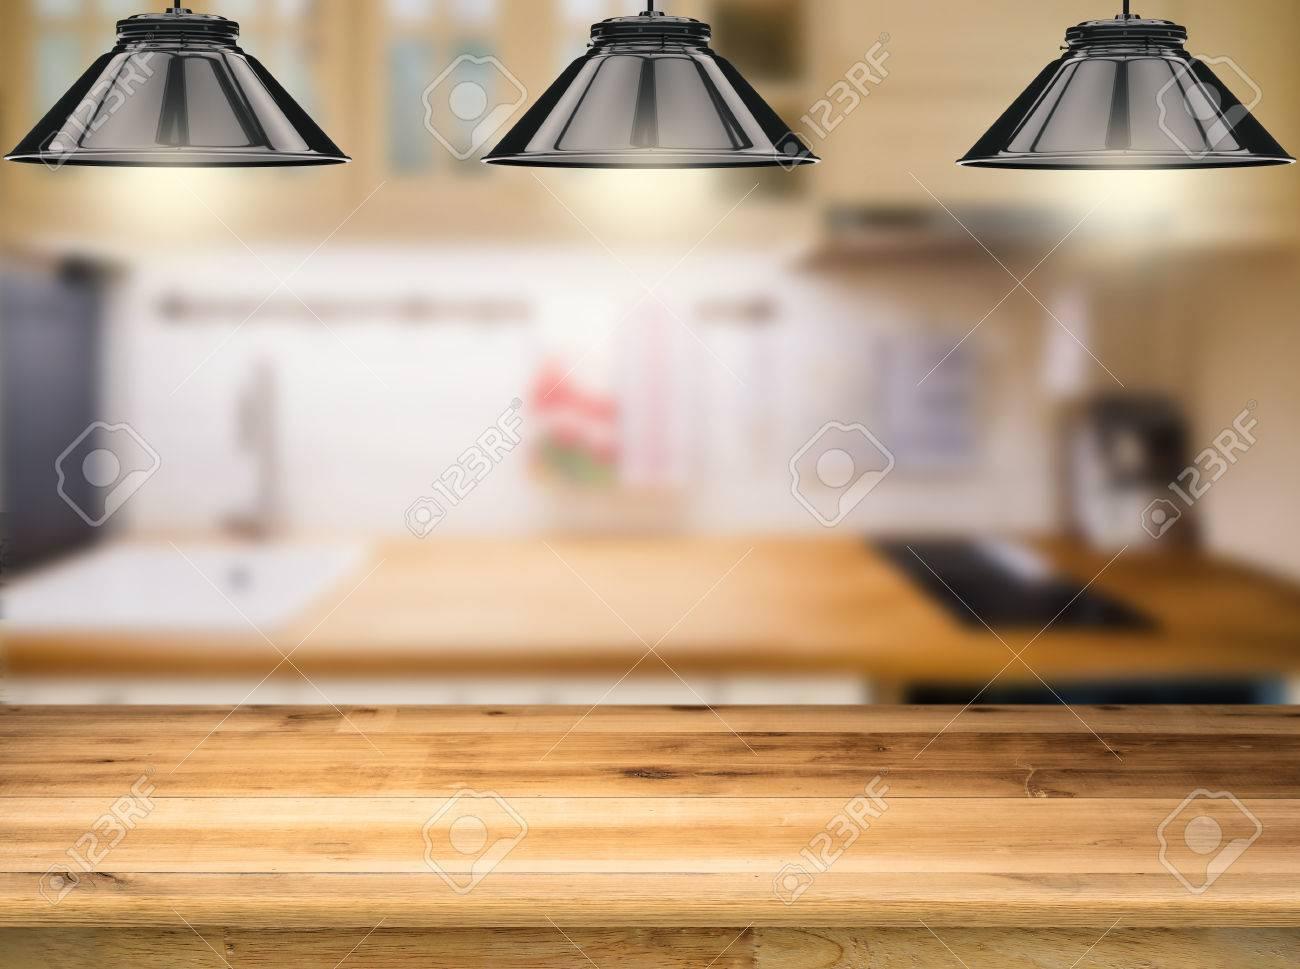 Full Size of Holztheke Mit 3d Hngelampen Kche Hintergrund Wohnzimmer Hängelampen